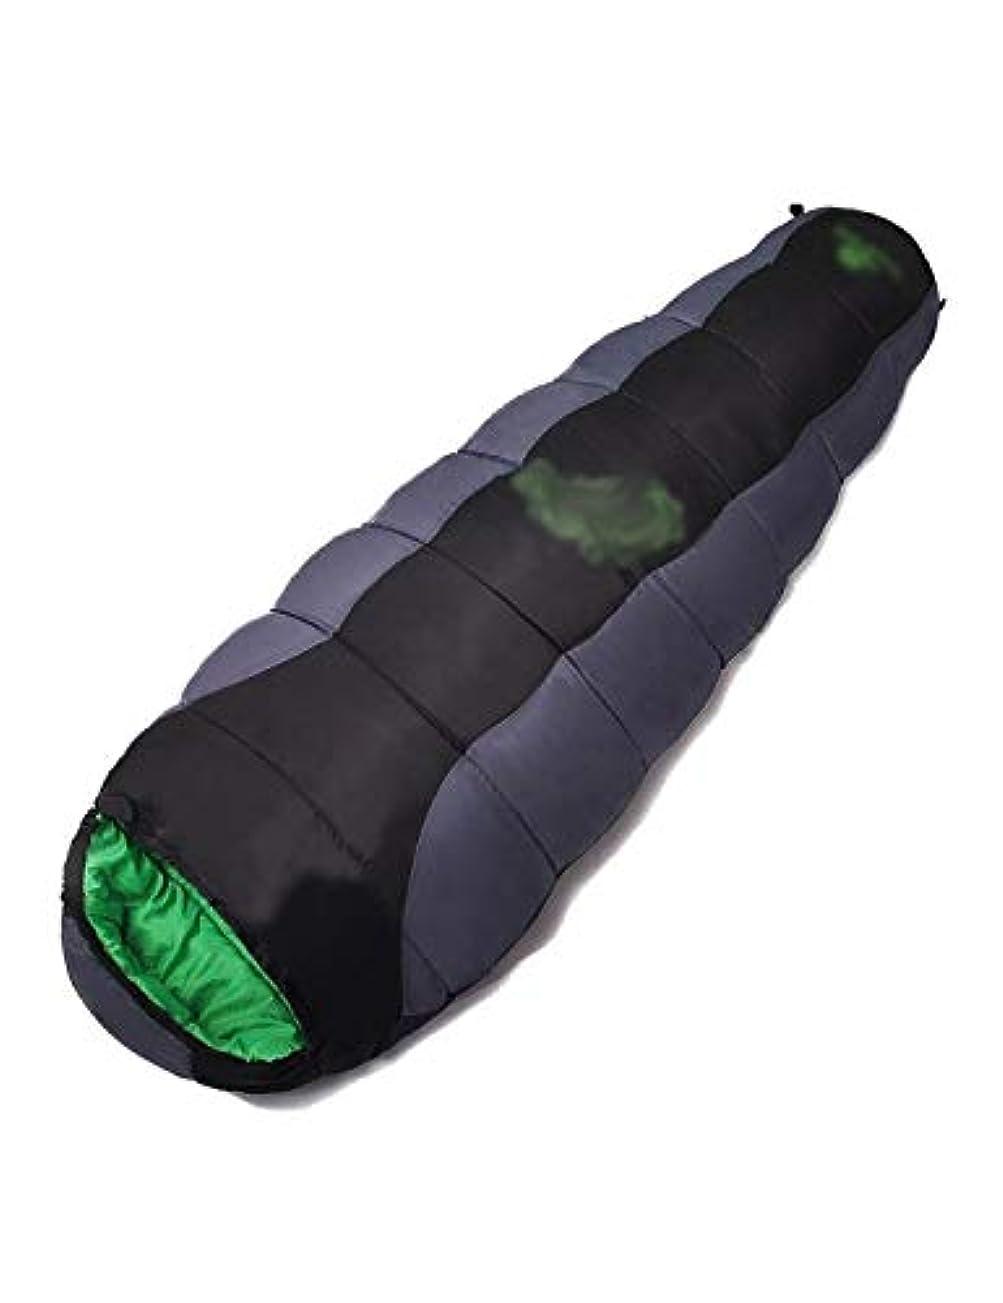 より多い適合する階下寝袋、防水性と耐裂性の多機能ミイラ寝袋、屋外登山特別なキャンプミイラ寝袋 (Color : Gray)